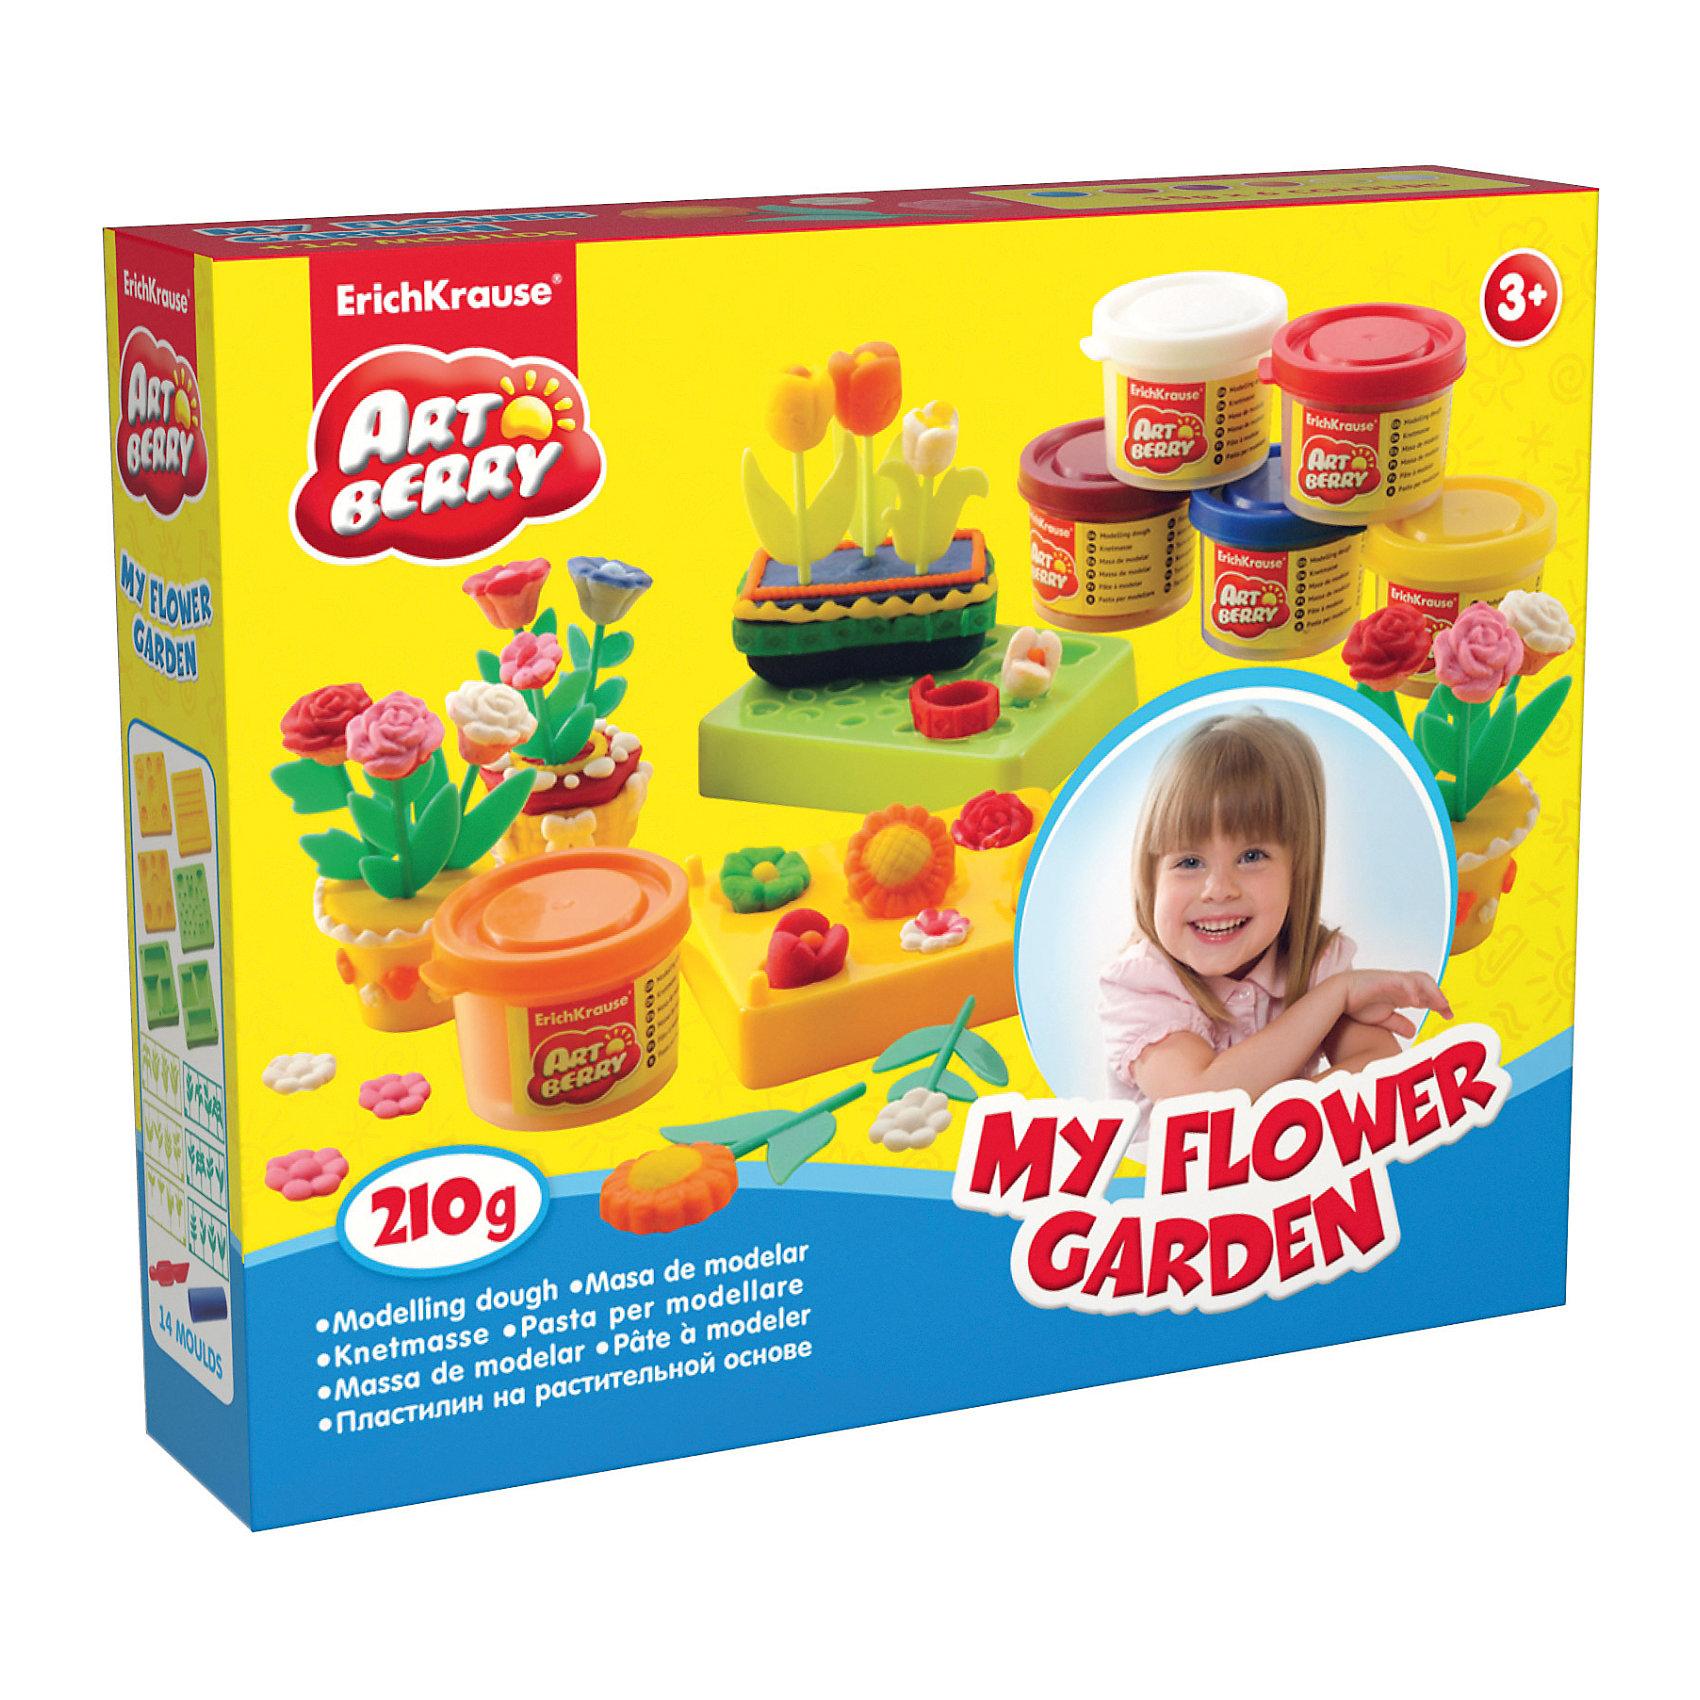 Набор для лепки: Пластилин на растительной основе My Flower Garden 6 цветов по 35гСостав: 6 цветов пластилина по 35 г + 6 форм-трафаретов для лепки, 6 плоских трафаретов-цветы, скалка, стек Упаковка: картонная коробка в термоплёнке<br><br>Ширина мм: 253<br>Глубина мм: 200<br>Высота мм: 52<br>Вес г: 550<br>Возраст от месяцев: 60<br>Возраст до месяцев: 216<br>Пол: Унисекс<br>Возраст: Детский<br>SKU: 3293875